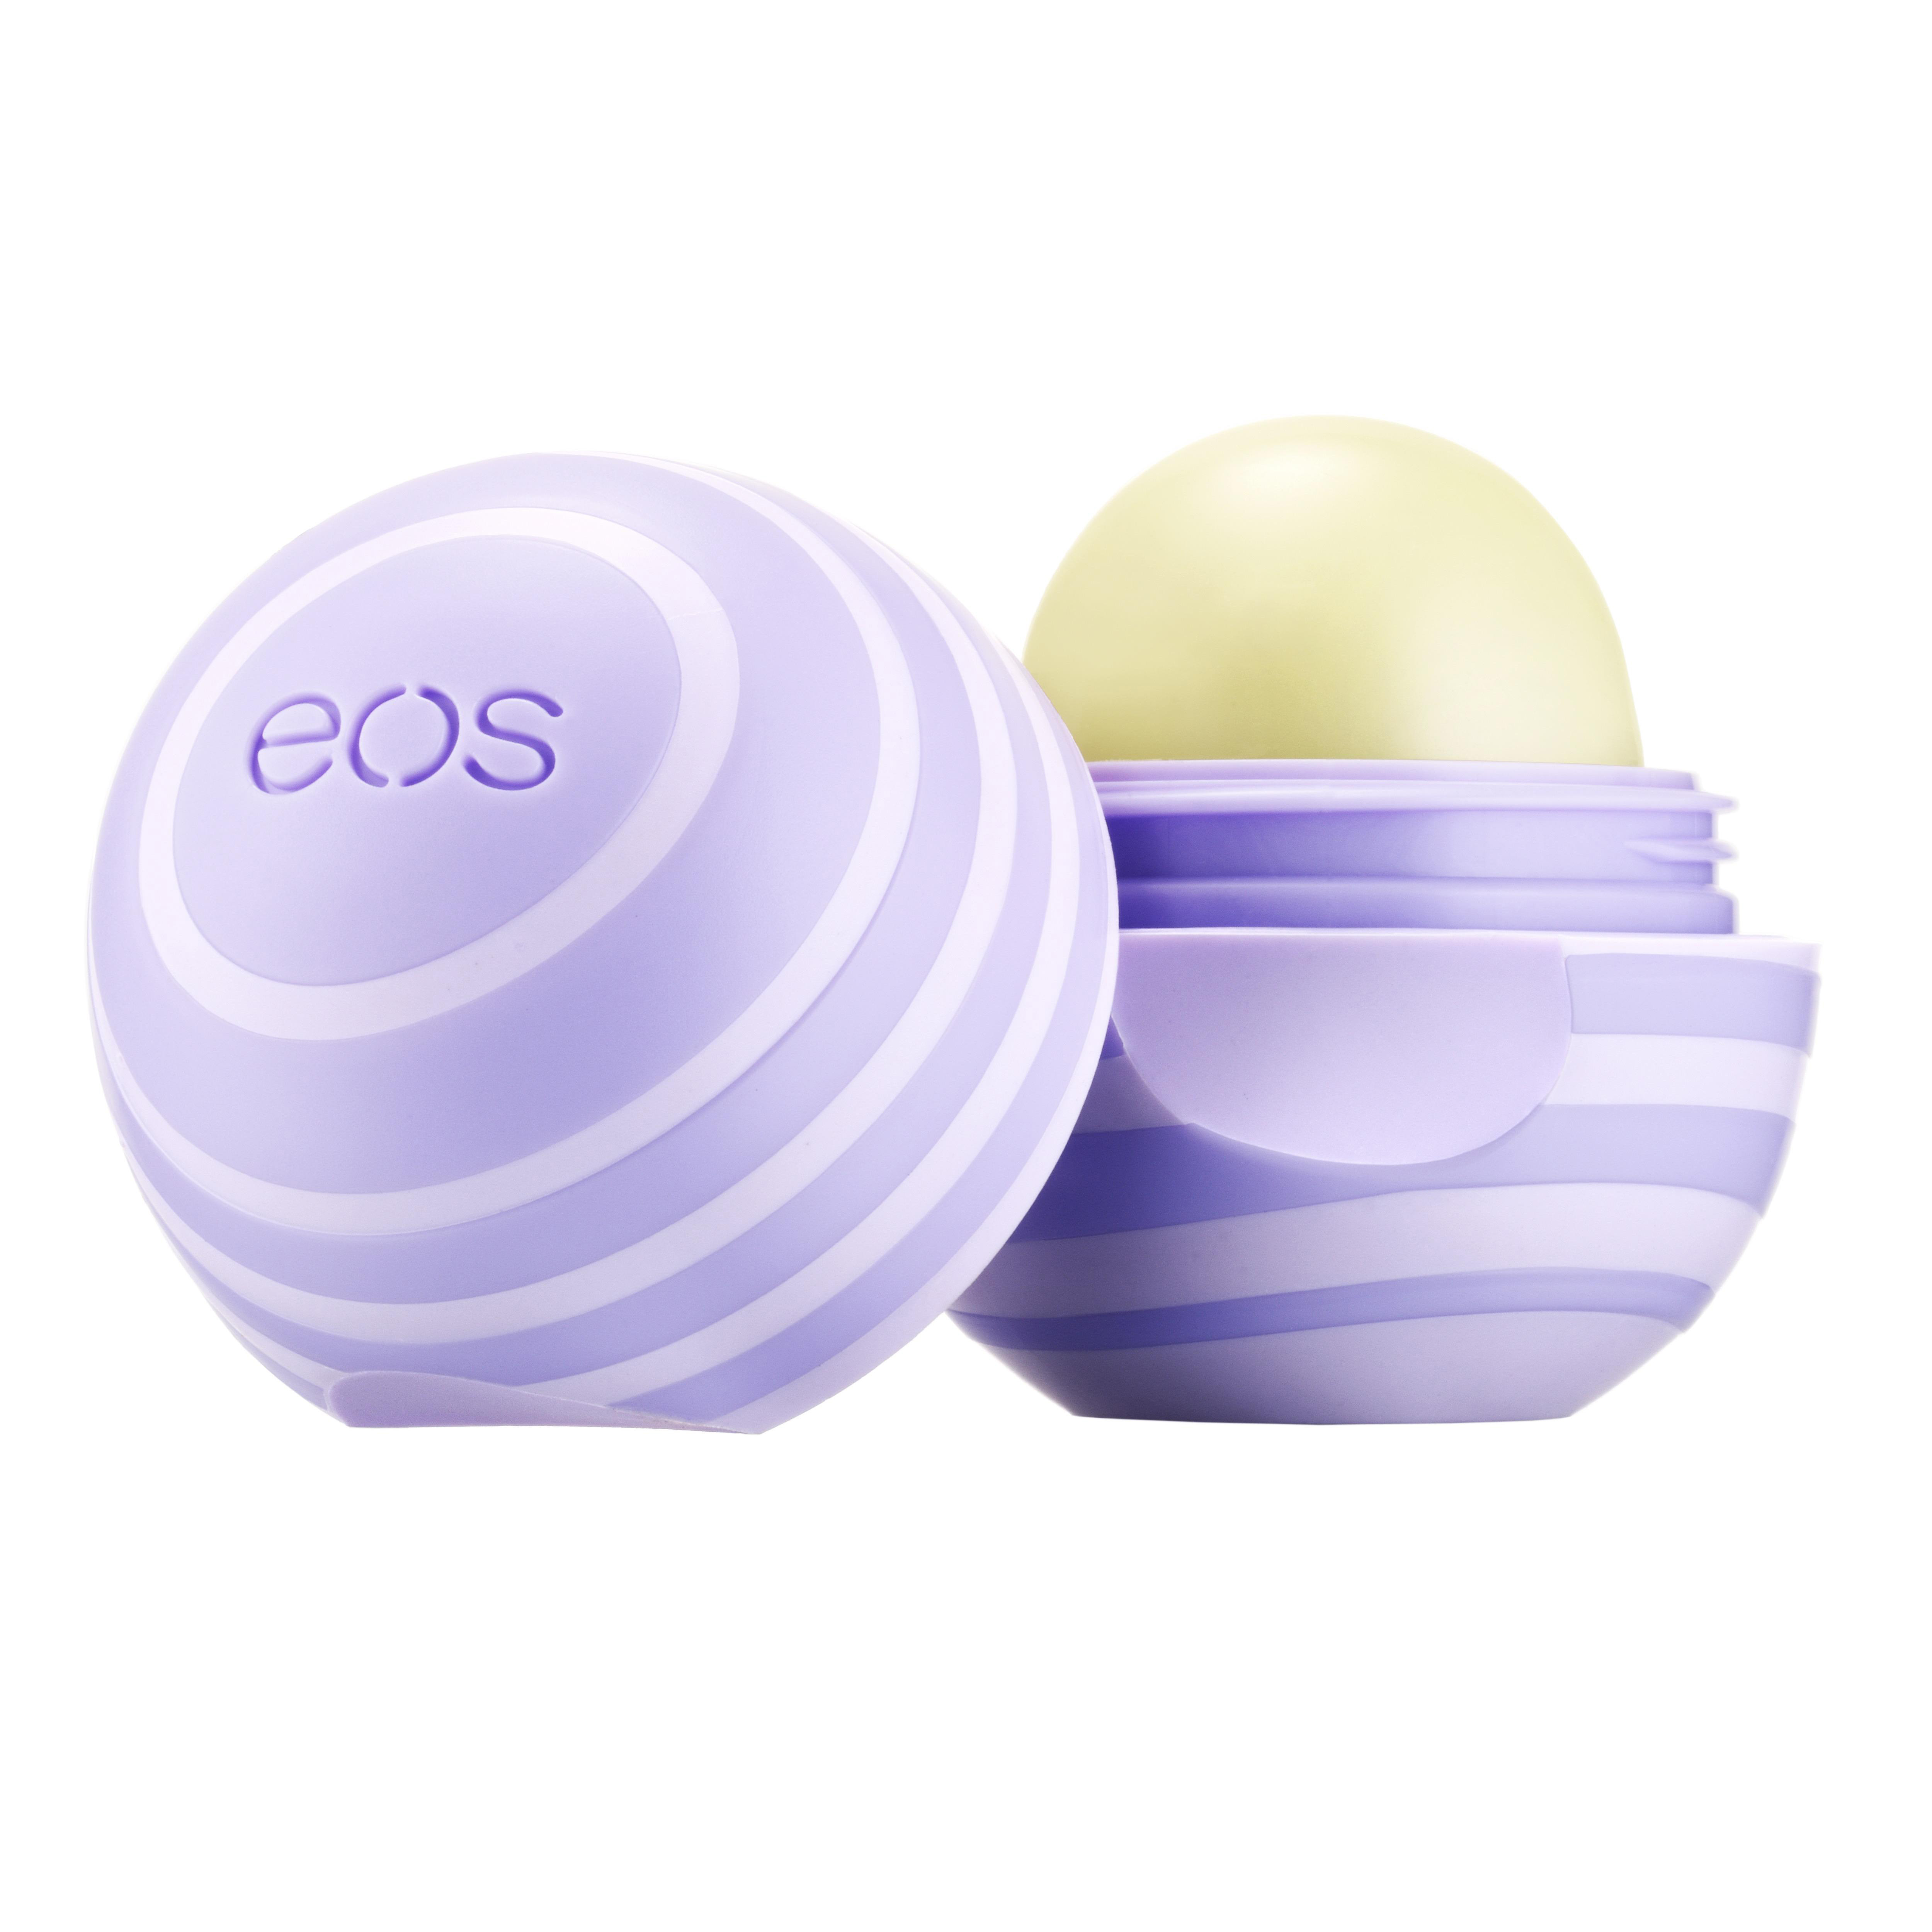 EOS 唇部保養-潤唇球